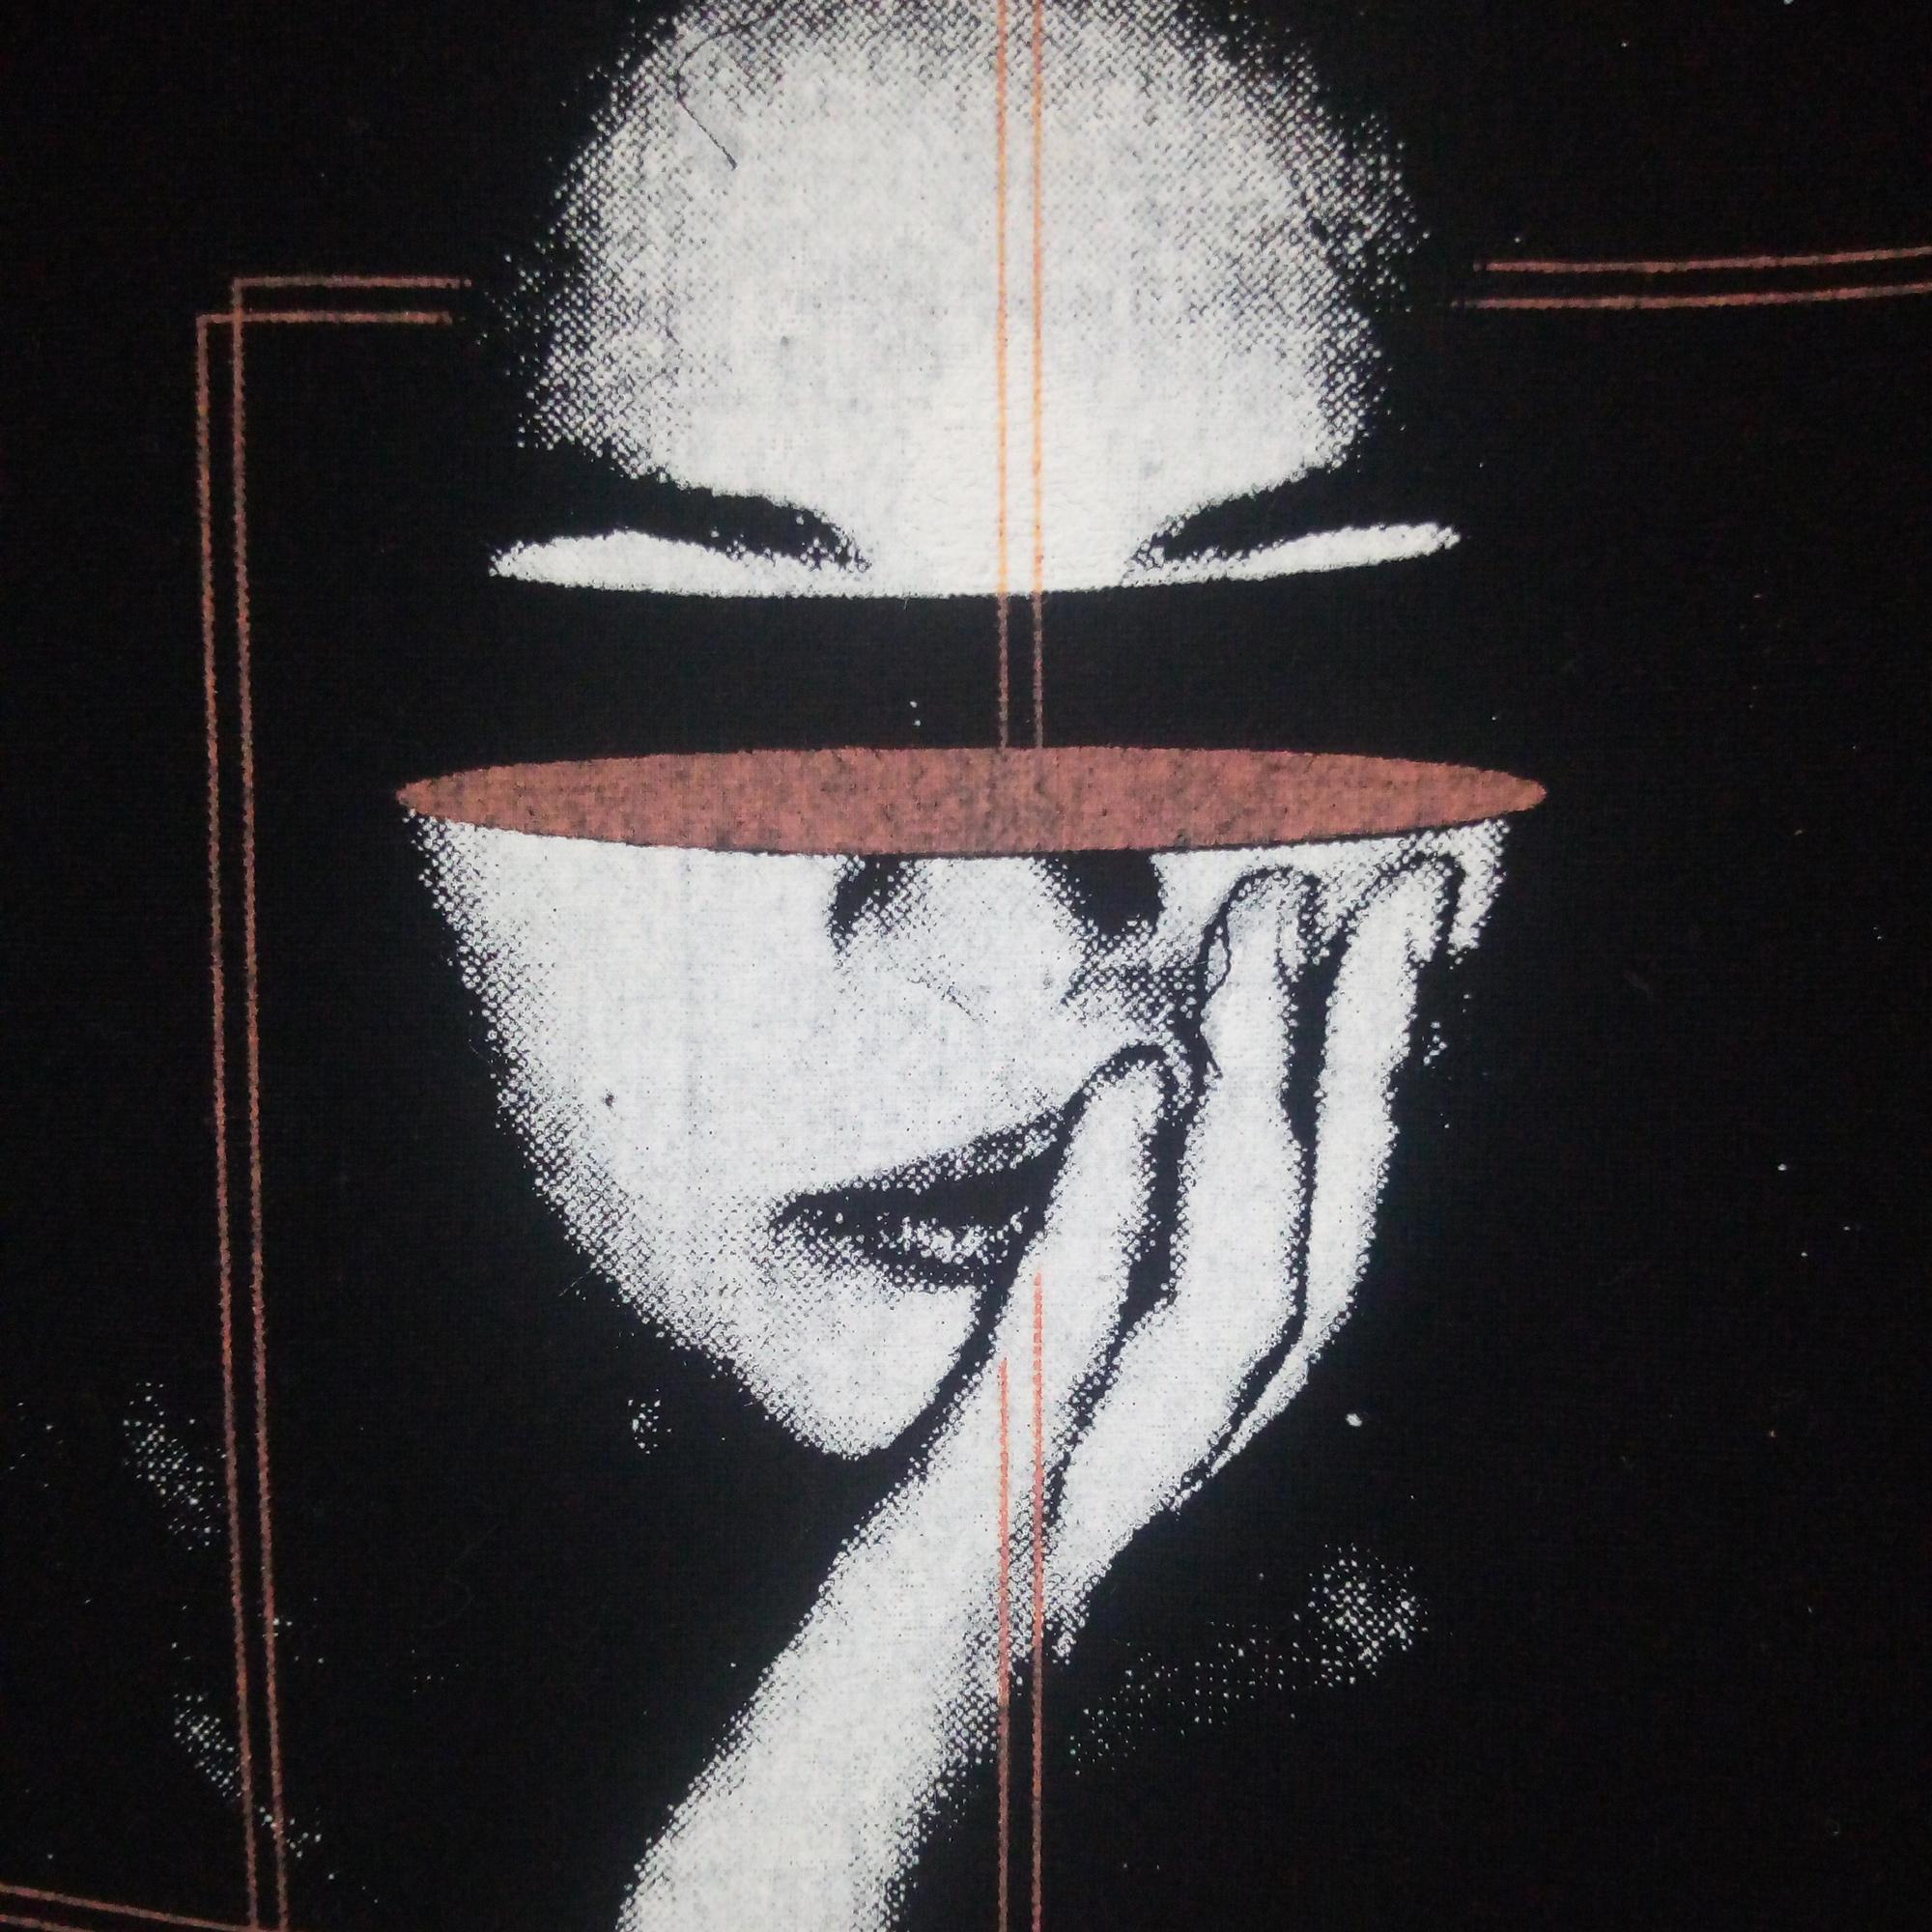 La boutique : Célia RATTO, graphiste multimédia à Annecy. Créations et Sérigraphie textile artisanale - Tote Bag No Fear